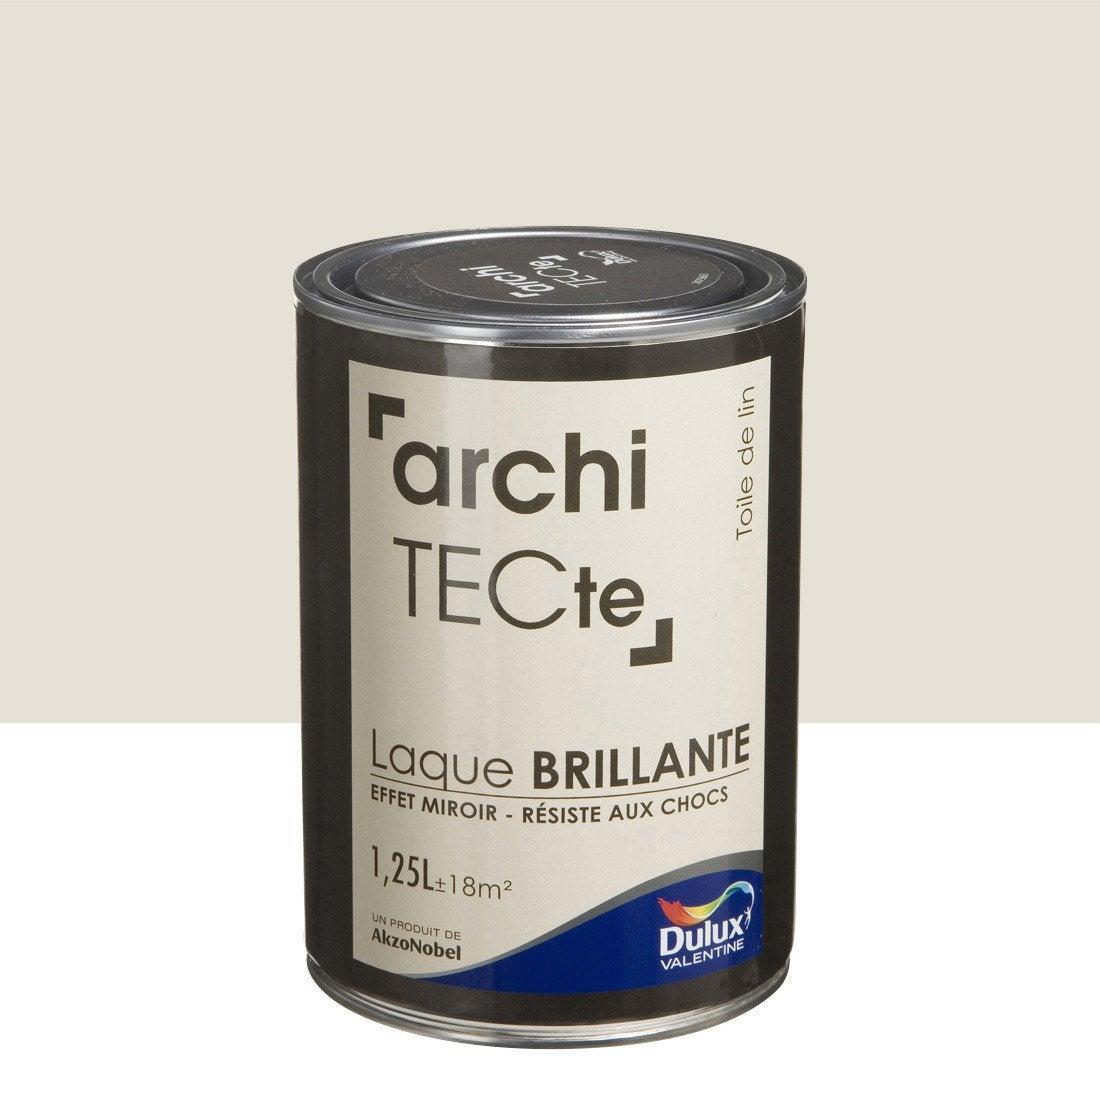 peinture boiserie architecte dulux valentine beige toile de lin 1 25. Black Bedroom Furniture Sets. Home Design Ideas